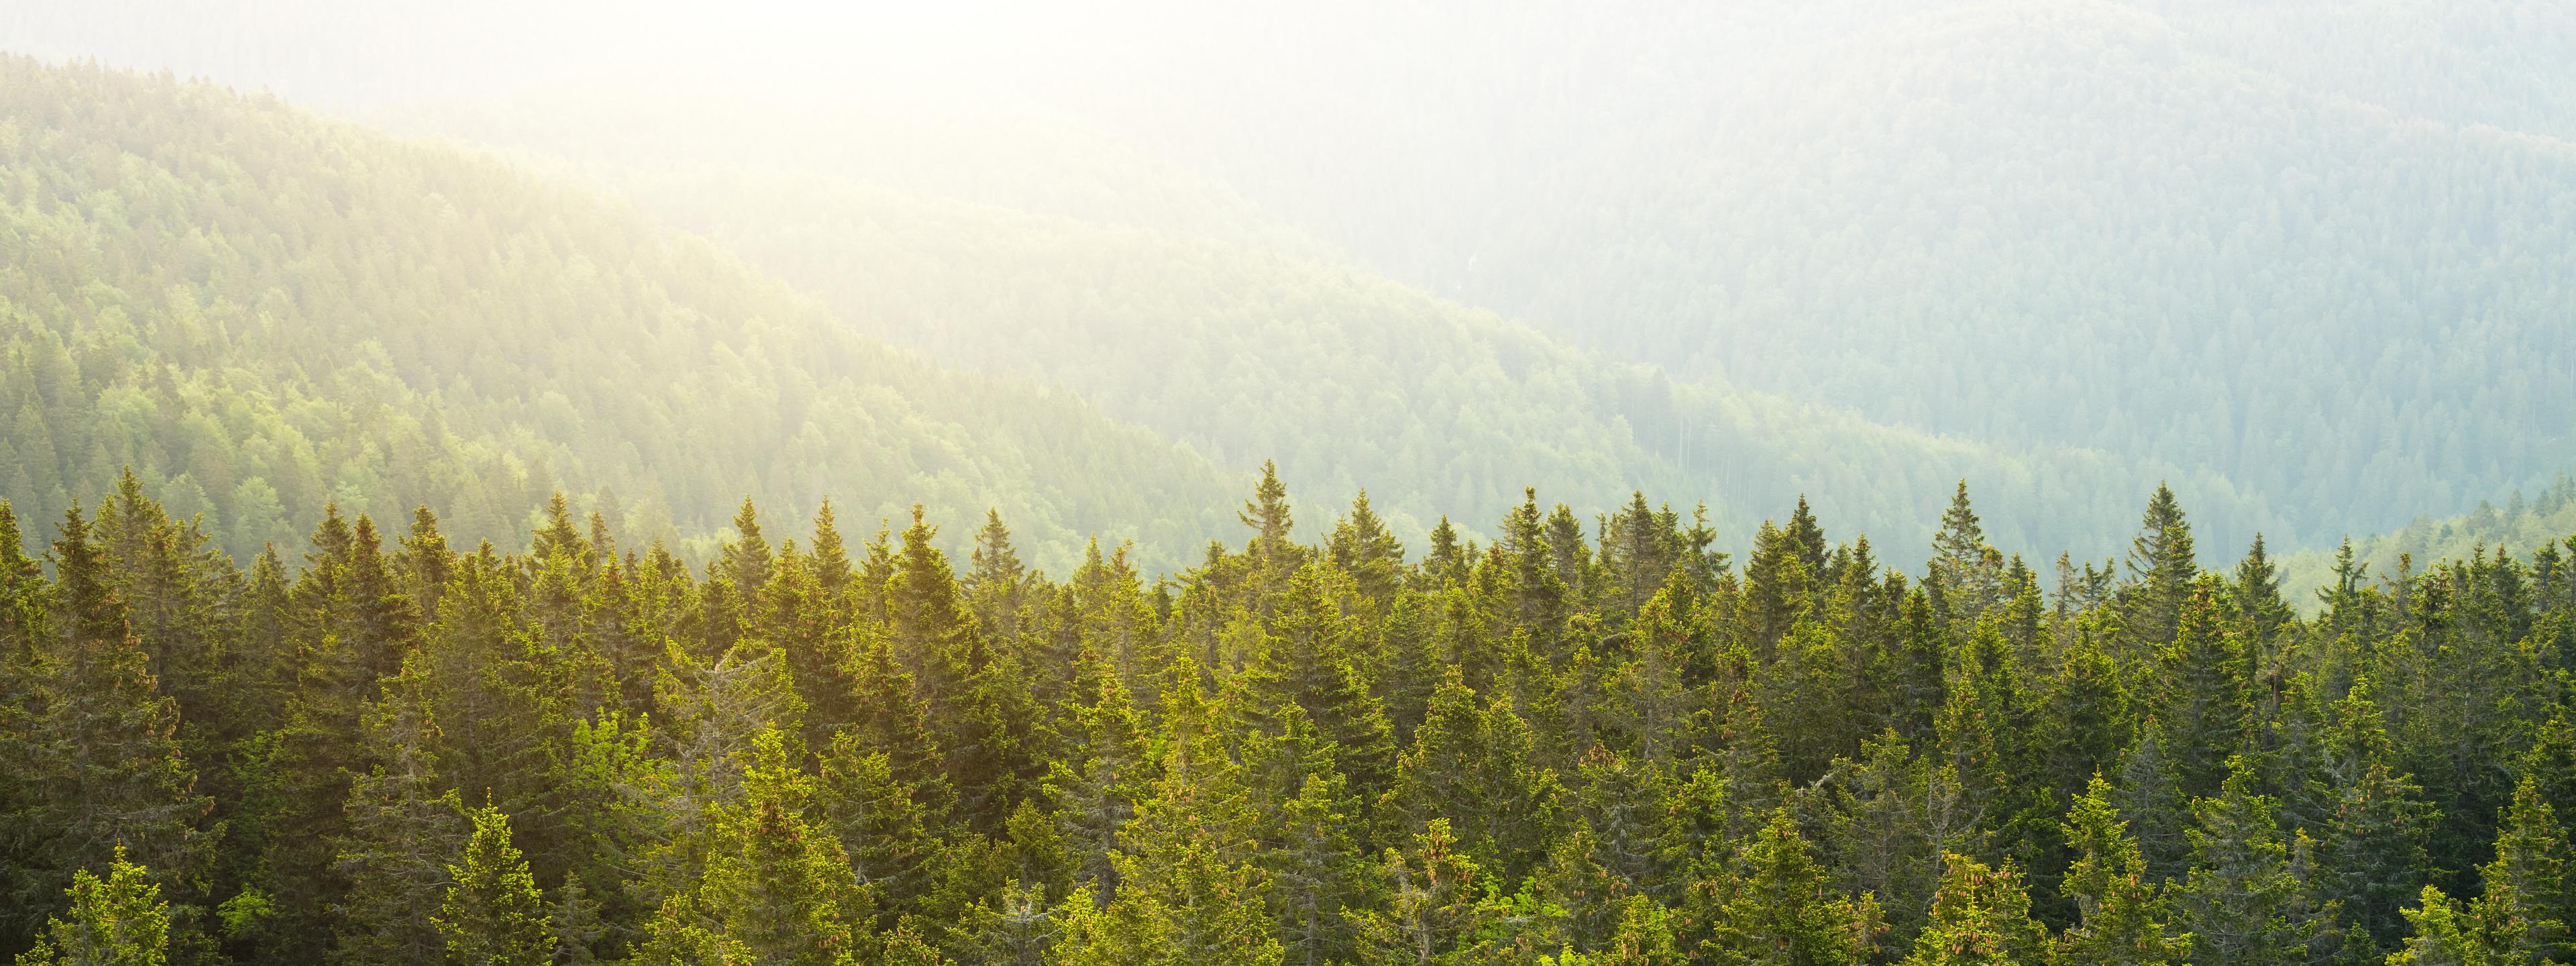 BRITA zrównoważony rozwój wodospad zielona łąka